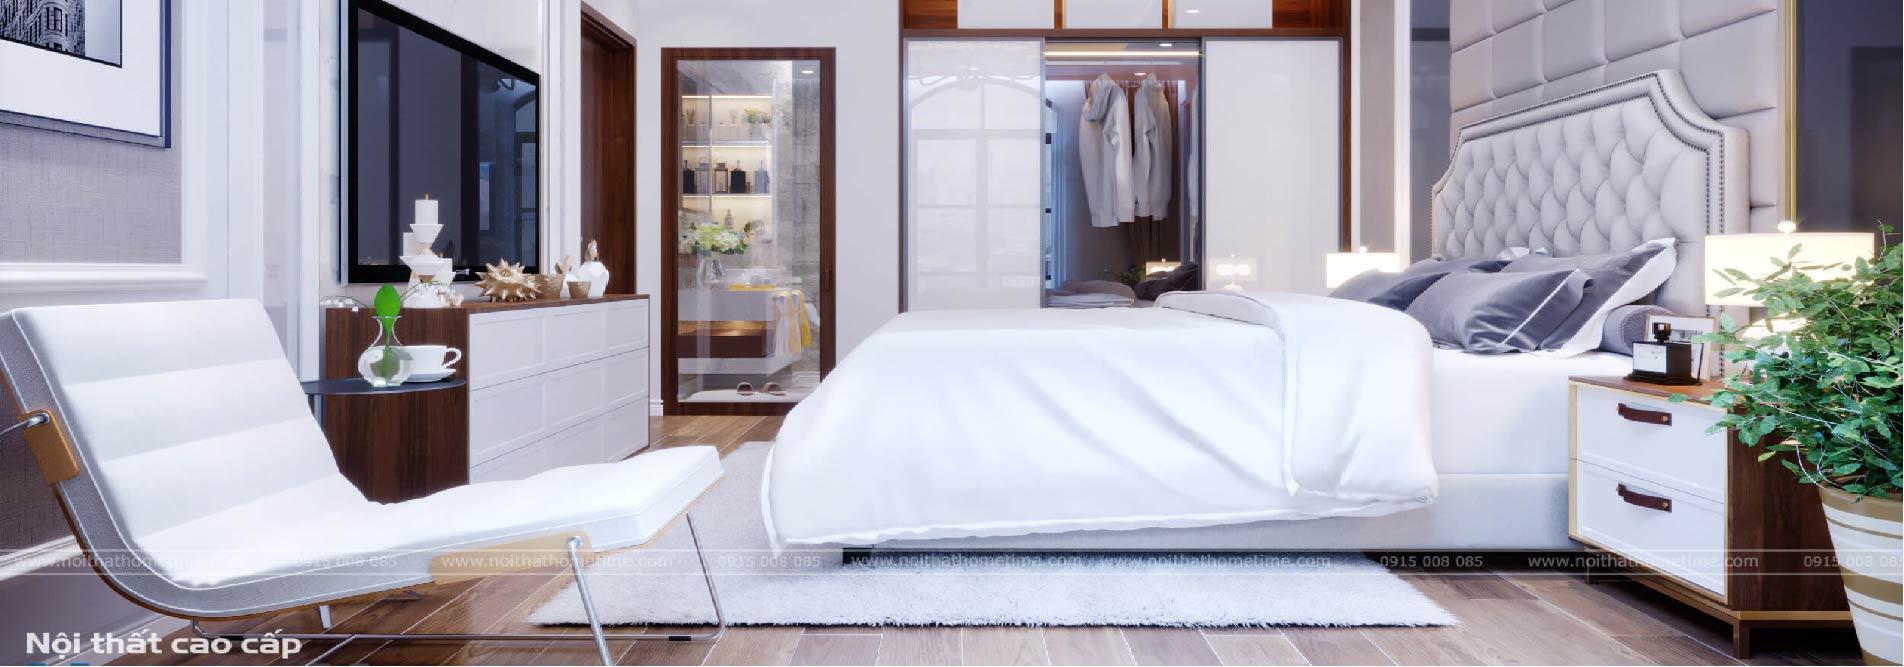 thiết kế nội thất phòng ngủ master nhà chú khanh